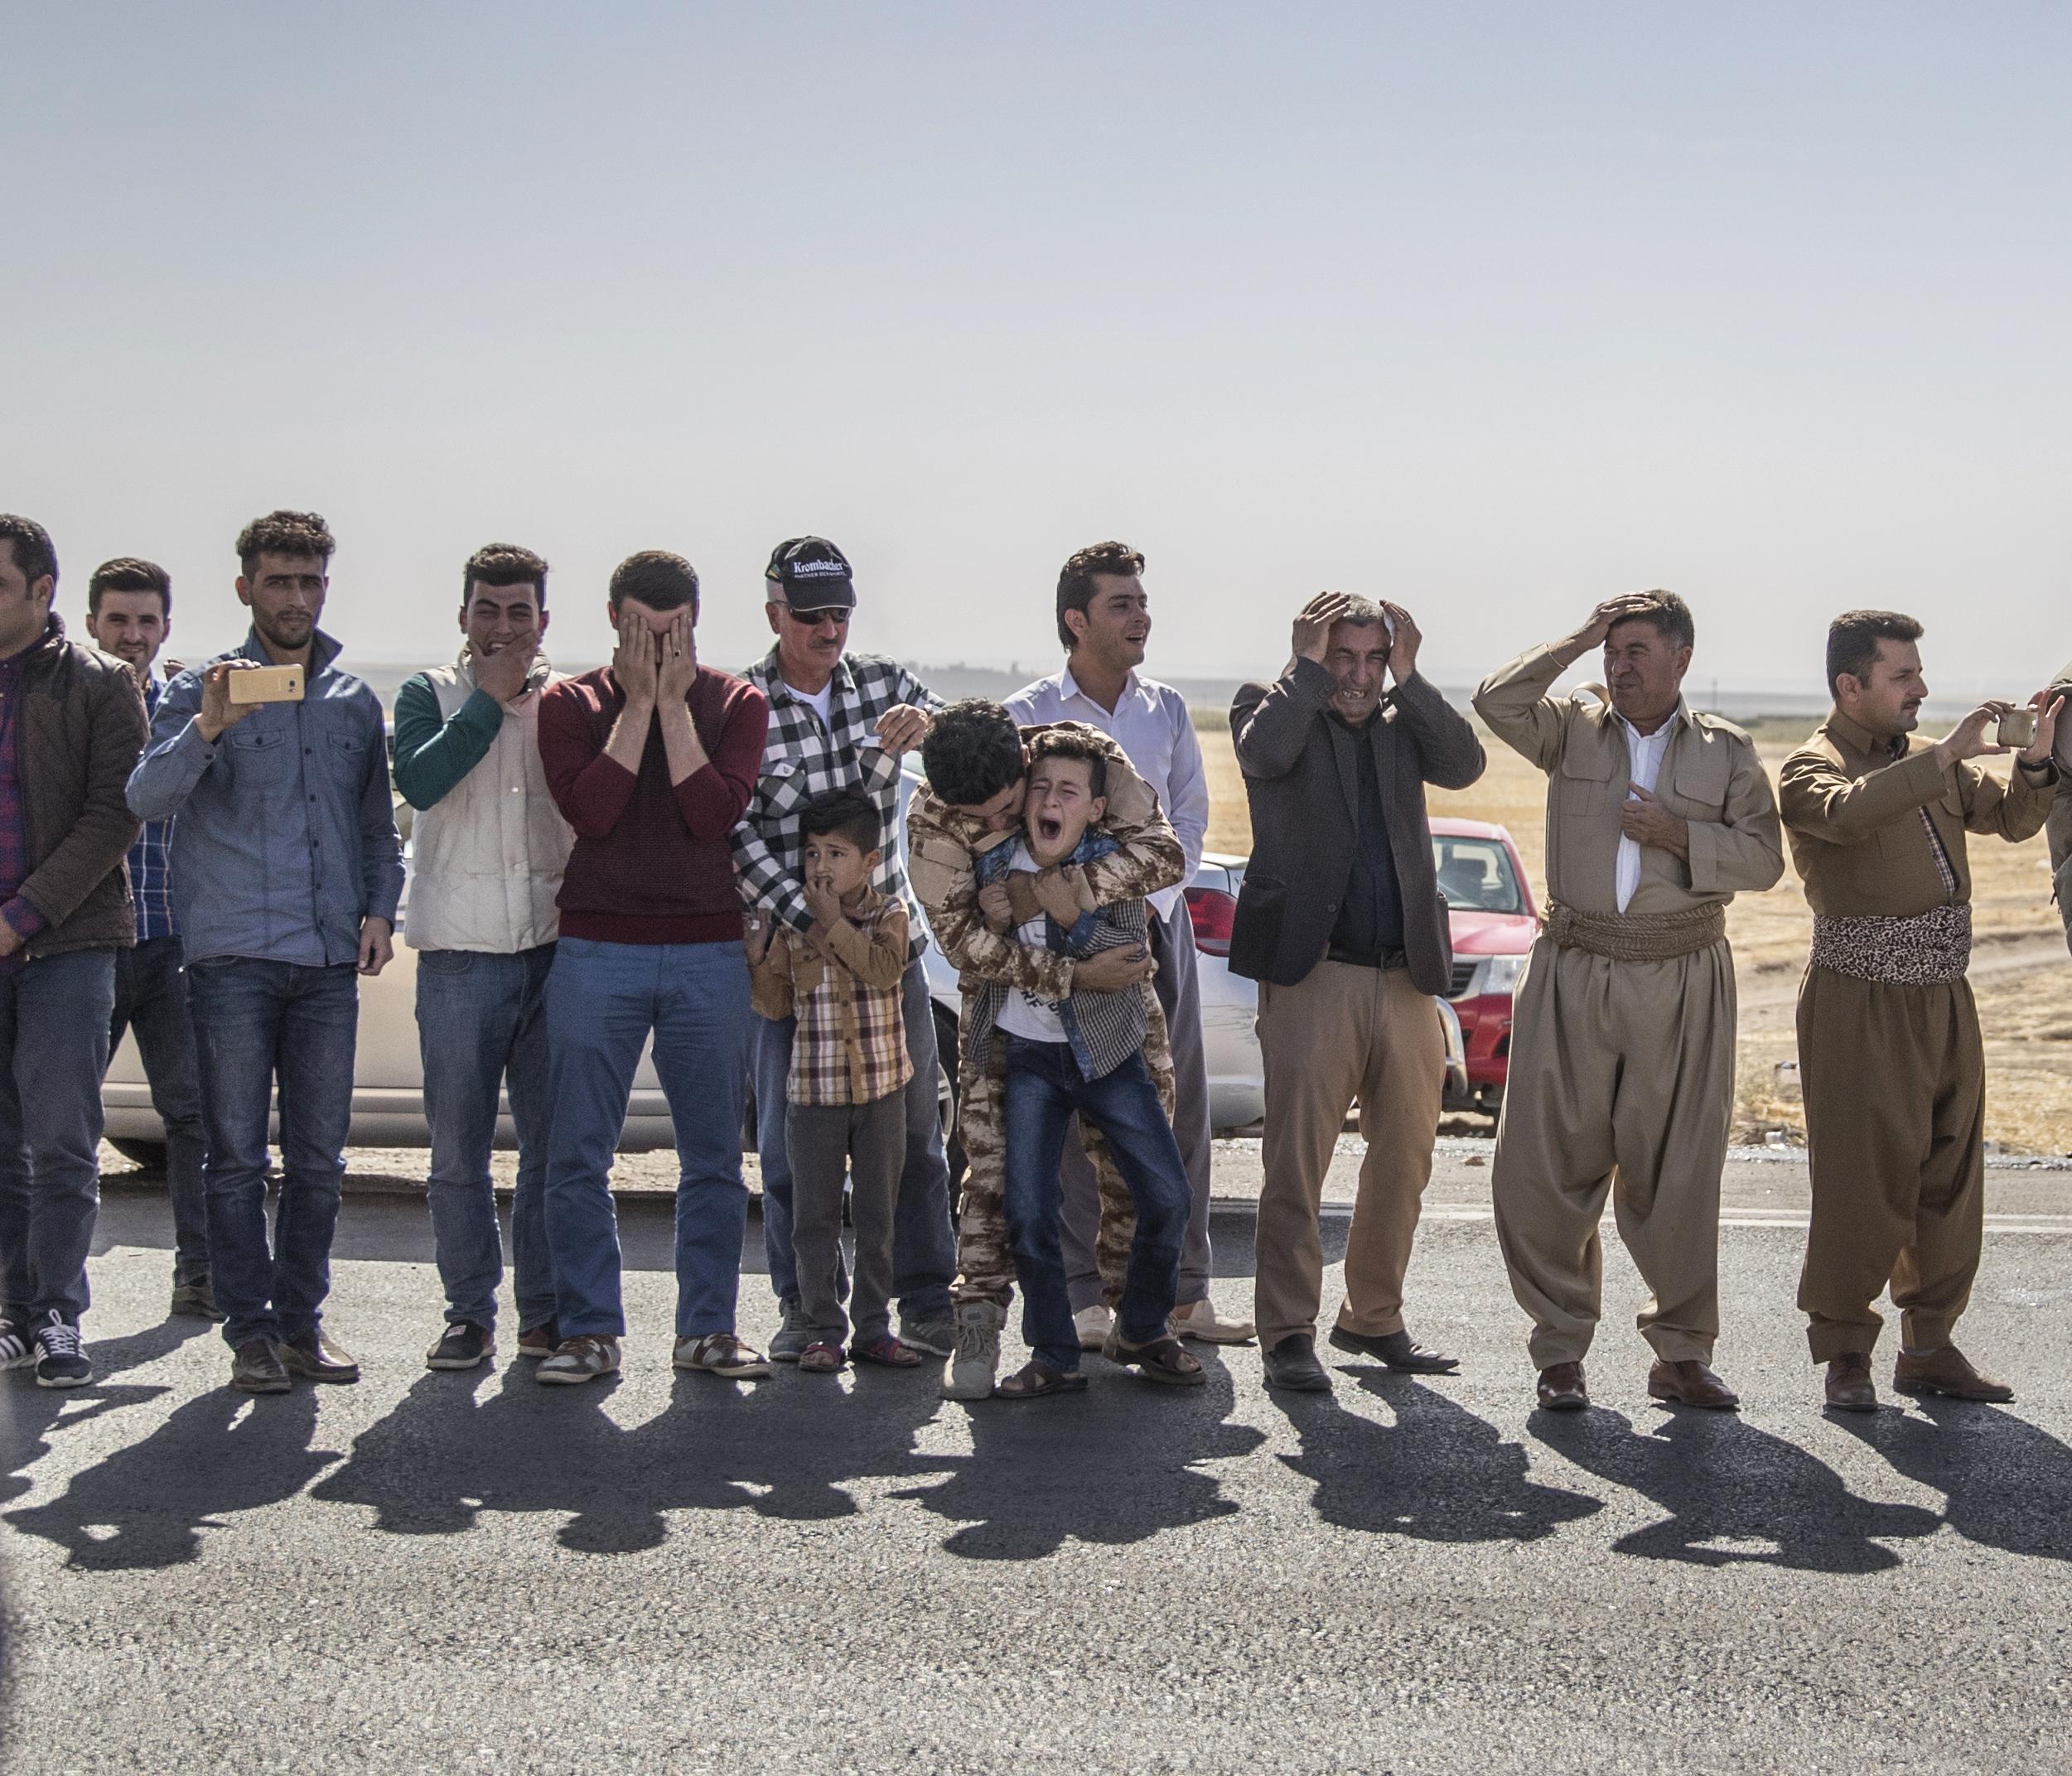 Kriget mot IS Mosul, Irak Oktober 2016. Hundratals människor har samlats längs vägkanten för att hedra fem Peshmerga-soldater som dagen innan dödades av en av IS vägbomber. 11-åriga Lefaw skriker plötsligt och otröstligt när han ser bilden på sin pappa monterad längst fram på ambulansen som passerar. Fram till nu har han bitit ihop, in i det sista hoppats på att hans pappa fortfarande är i livet. Lillebror Shalew gråter tyst i bakgrunden. // Efter två år under IS styre inledde irakiska och kurdiska trupper sin offensiv för att ta tillbaka miljonstaden Mosul, terrorsektens sista fäste i landet. En uppgift som skulle visa sig vara långt svårare än någon föreställt sig.